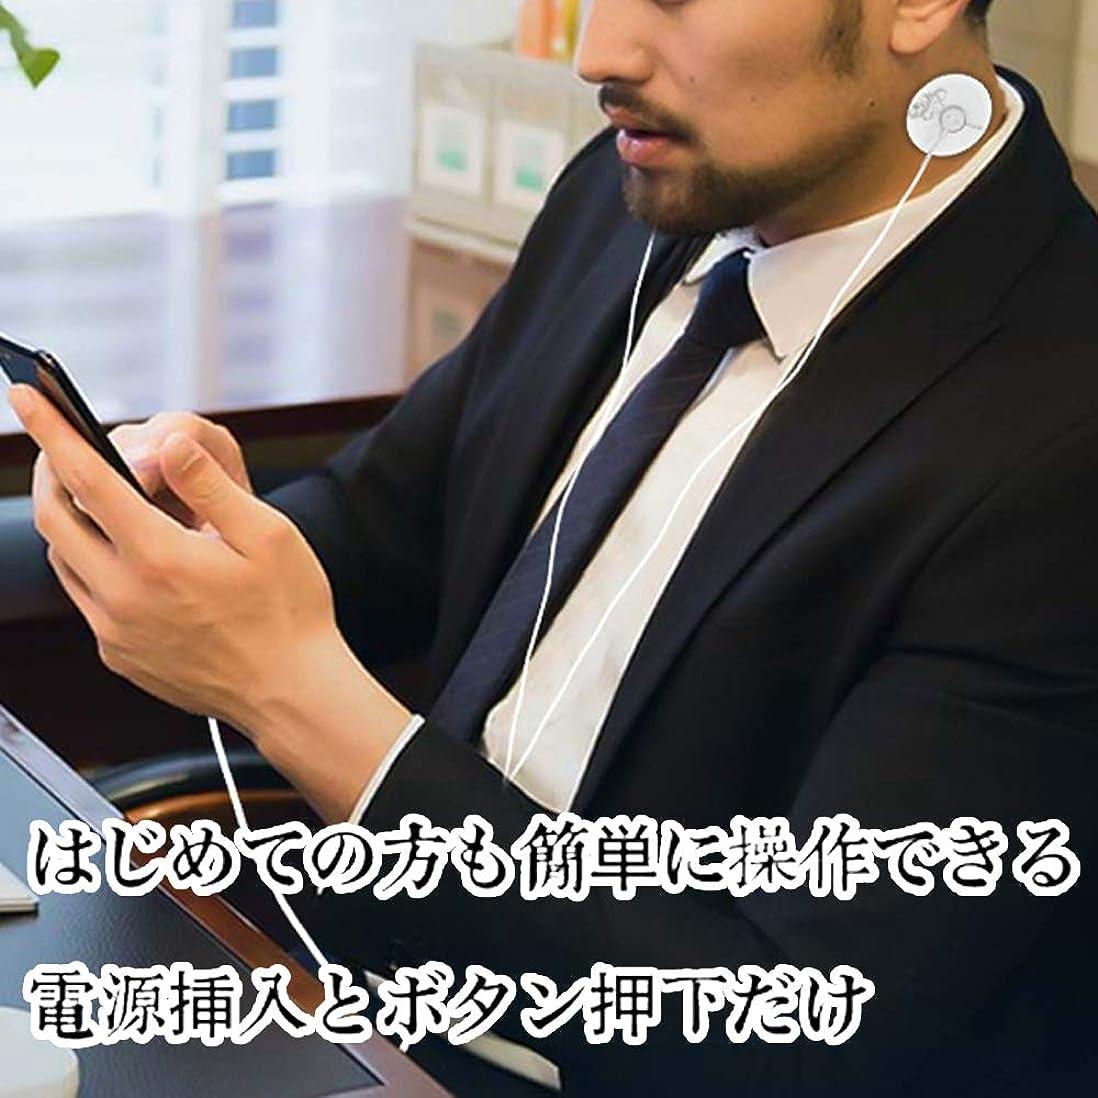 強い削除するフィードオンEMS低周波治療器 マッサージ機 肩こり 疲労 肩の痛み ストレス解消 痛み緩和 6種類のマッサージモード 8段階調節 リラックス 血行促進 神経痛 健康家電 専用粘着パッド付属 電気式 小型 マッサージ器 肩 腰 ふくらはぎ 日本語取扱書